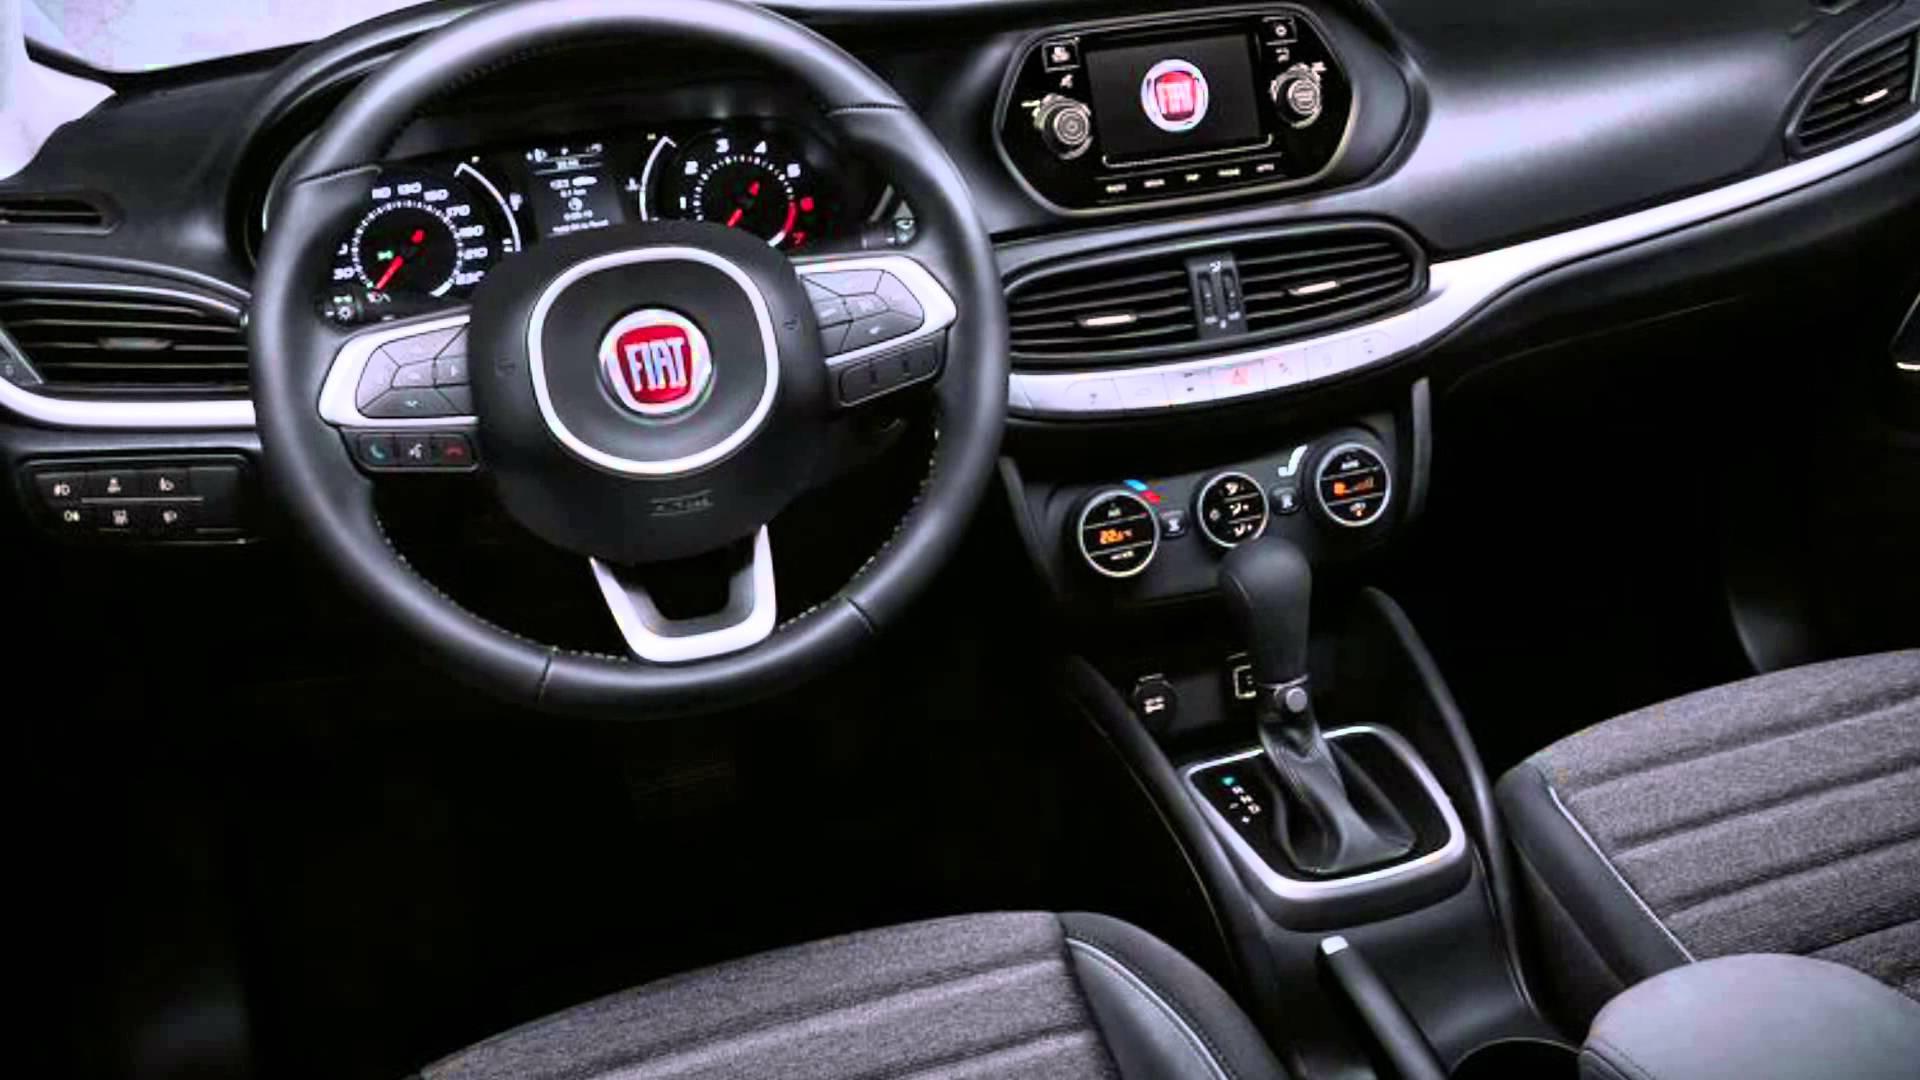 2016 Fiat Egea İç Tasarım - Uygun Taşıt